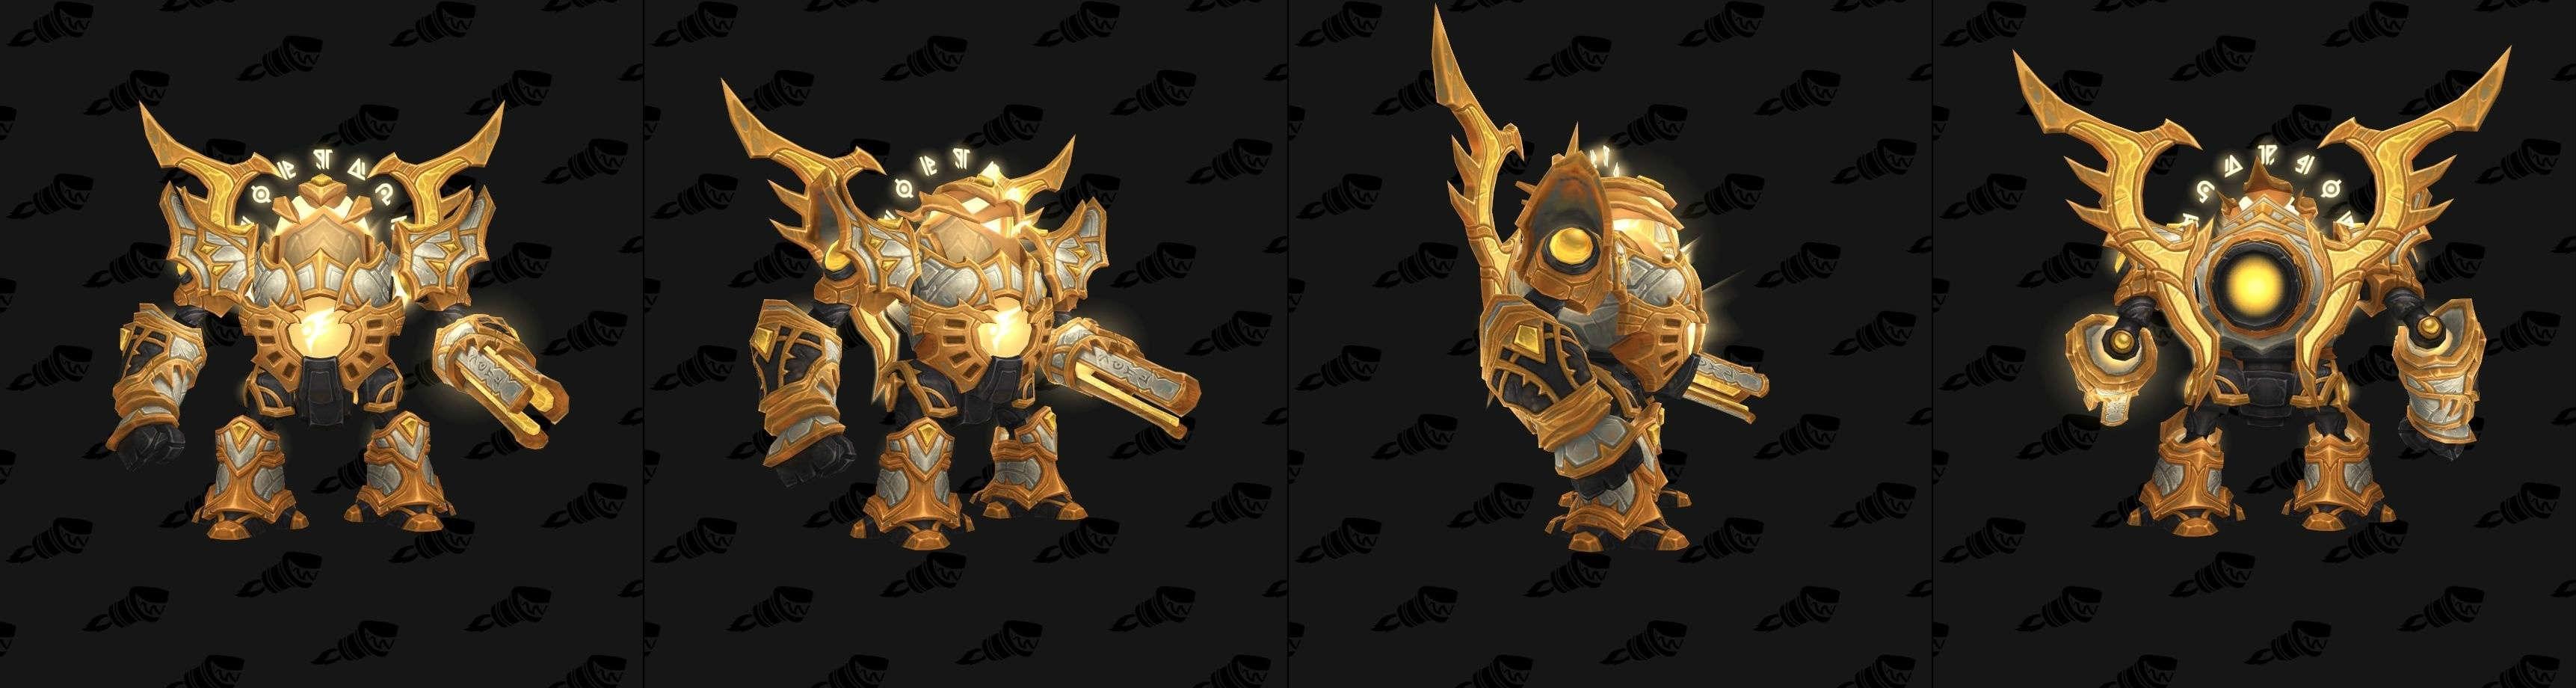 魔兽7.3新坐骑预览:闪瞎眼睛的光铸魔像